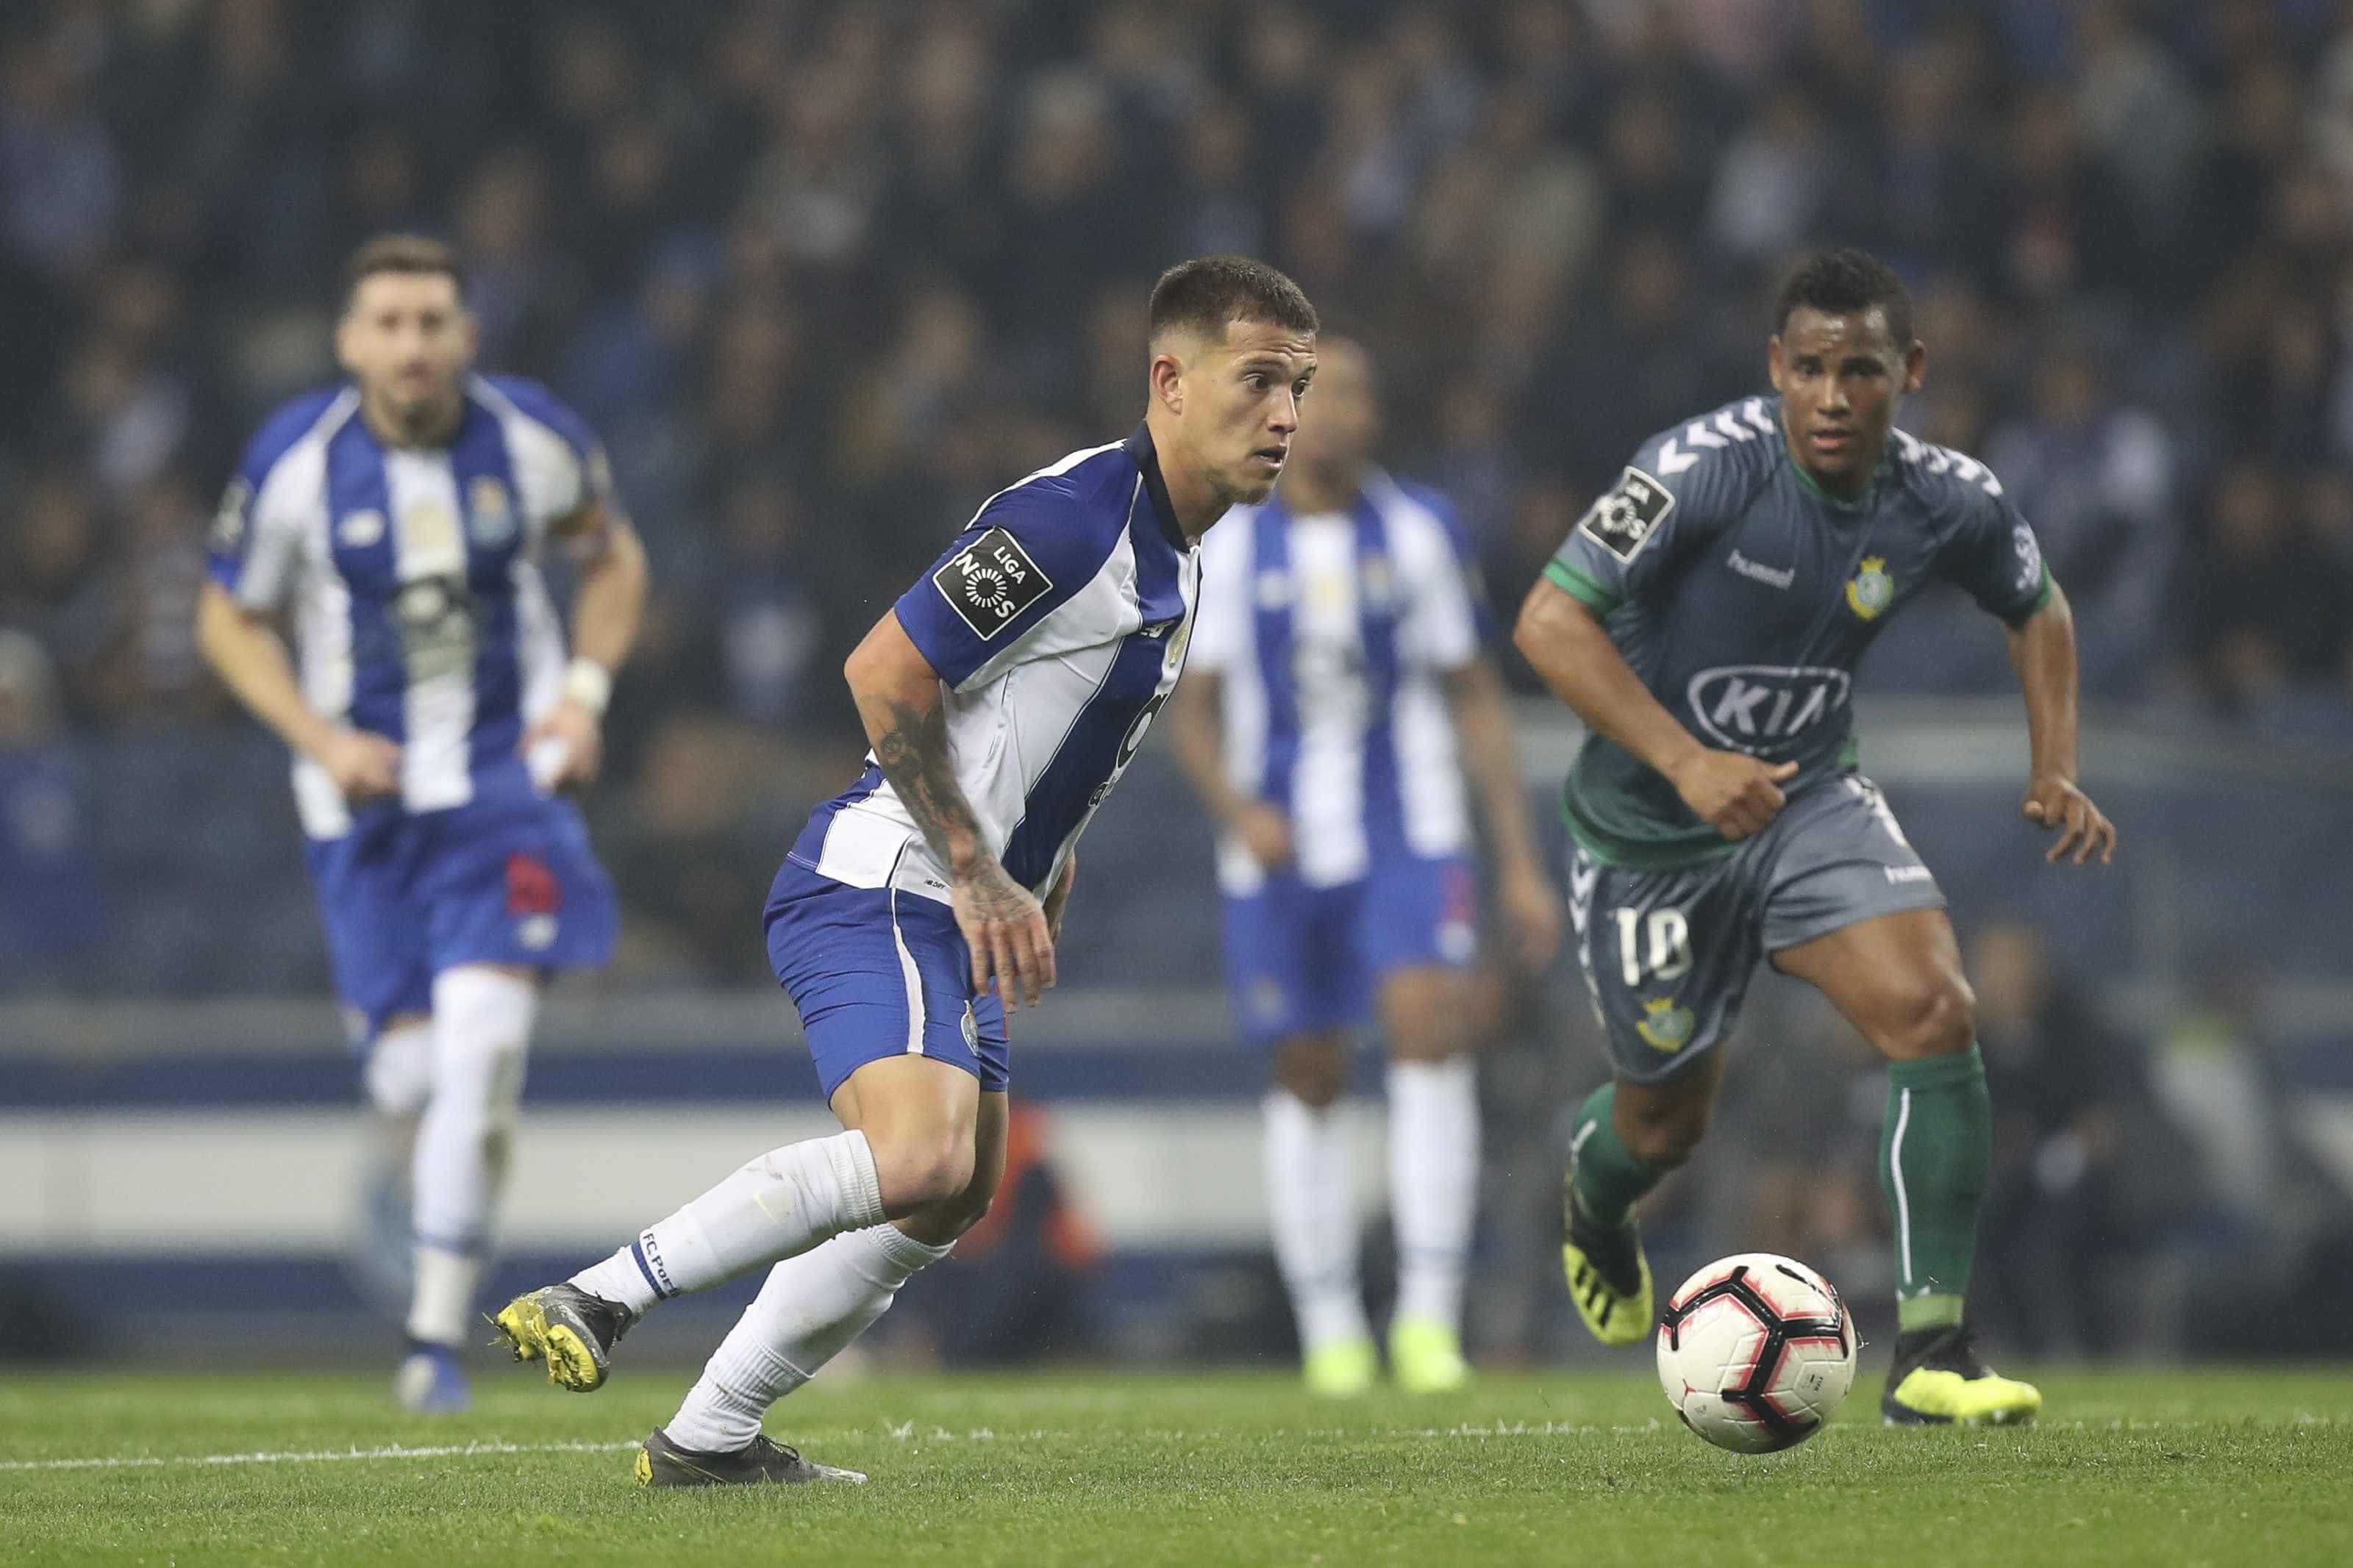 Éber Bessa responde ao FC Porto e pondera avançar para a justiça